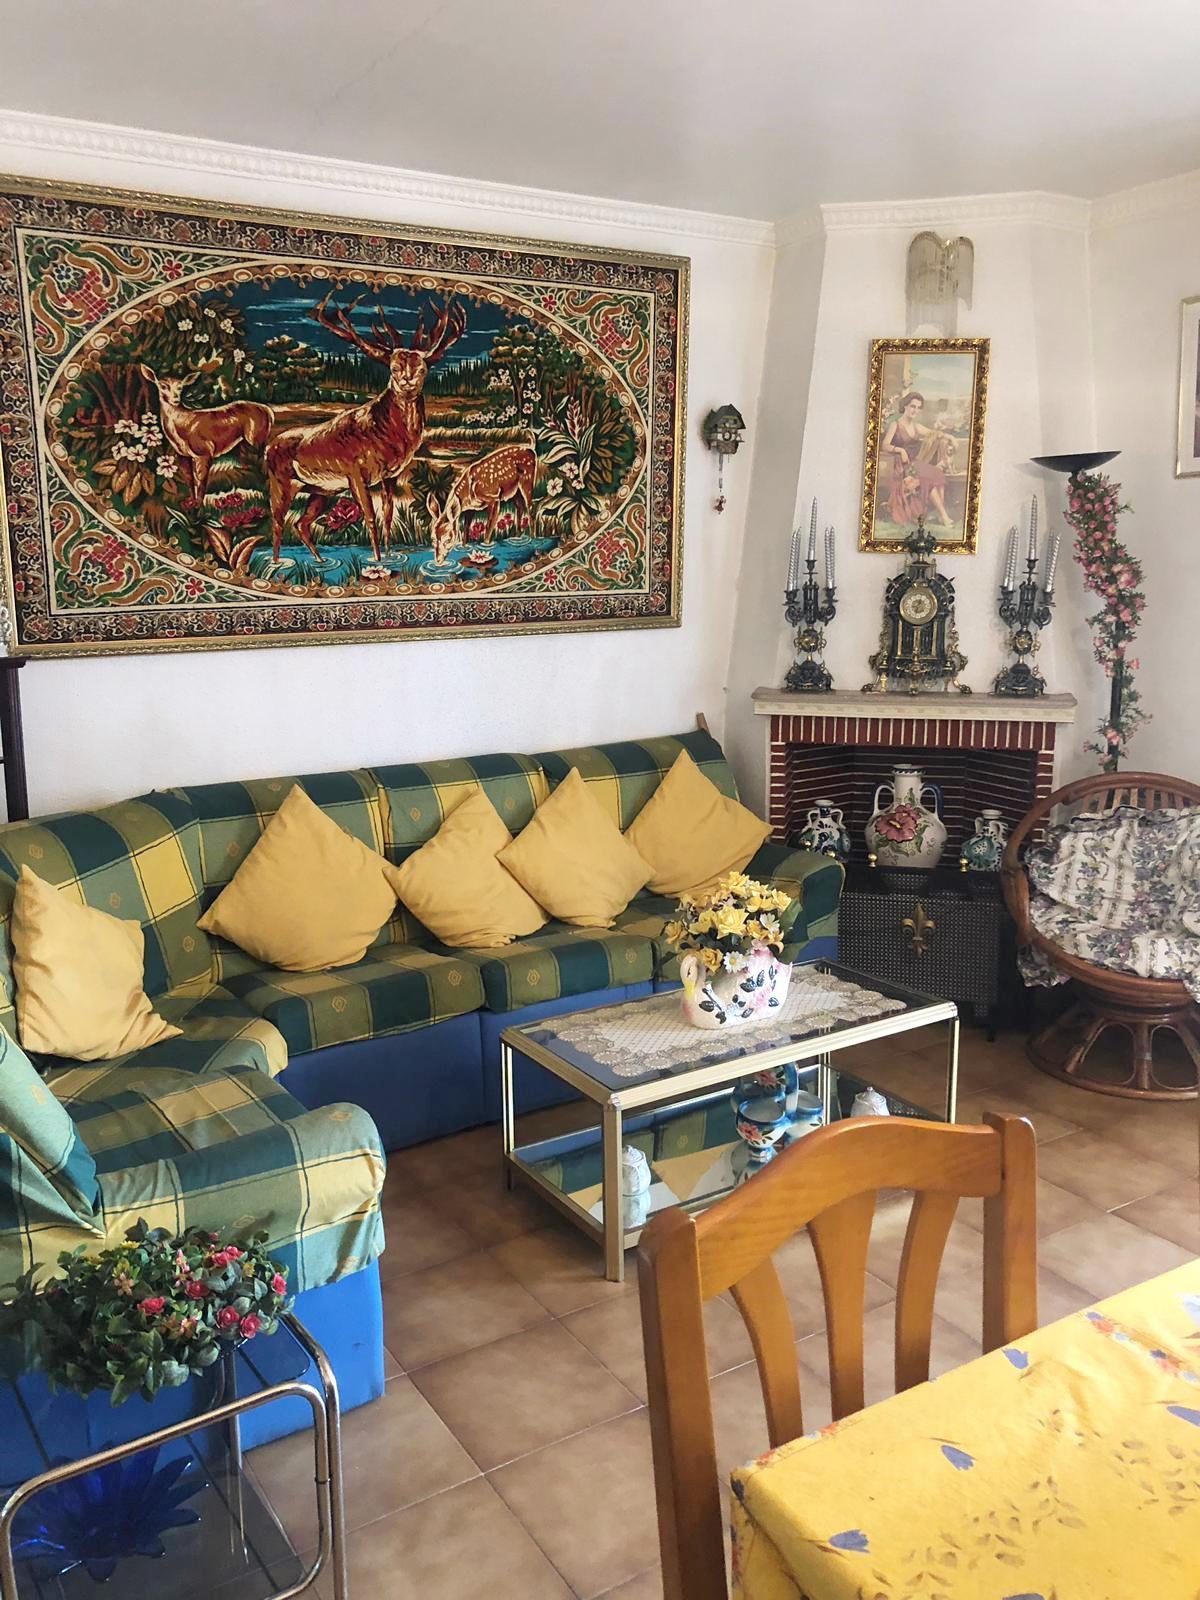 Imagen 3 Casa Adosada en venta en Martorelles / Martorelles- Centro -Casa adosada exterior